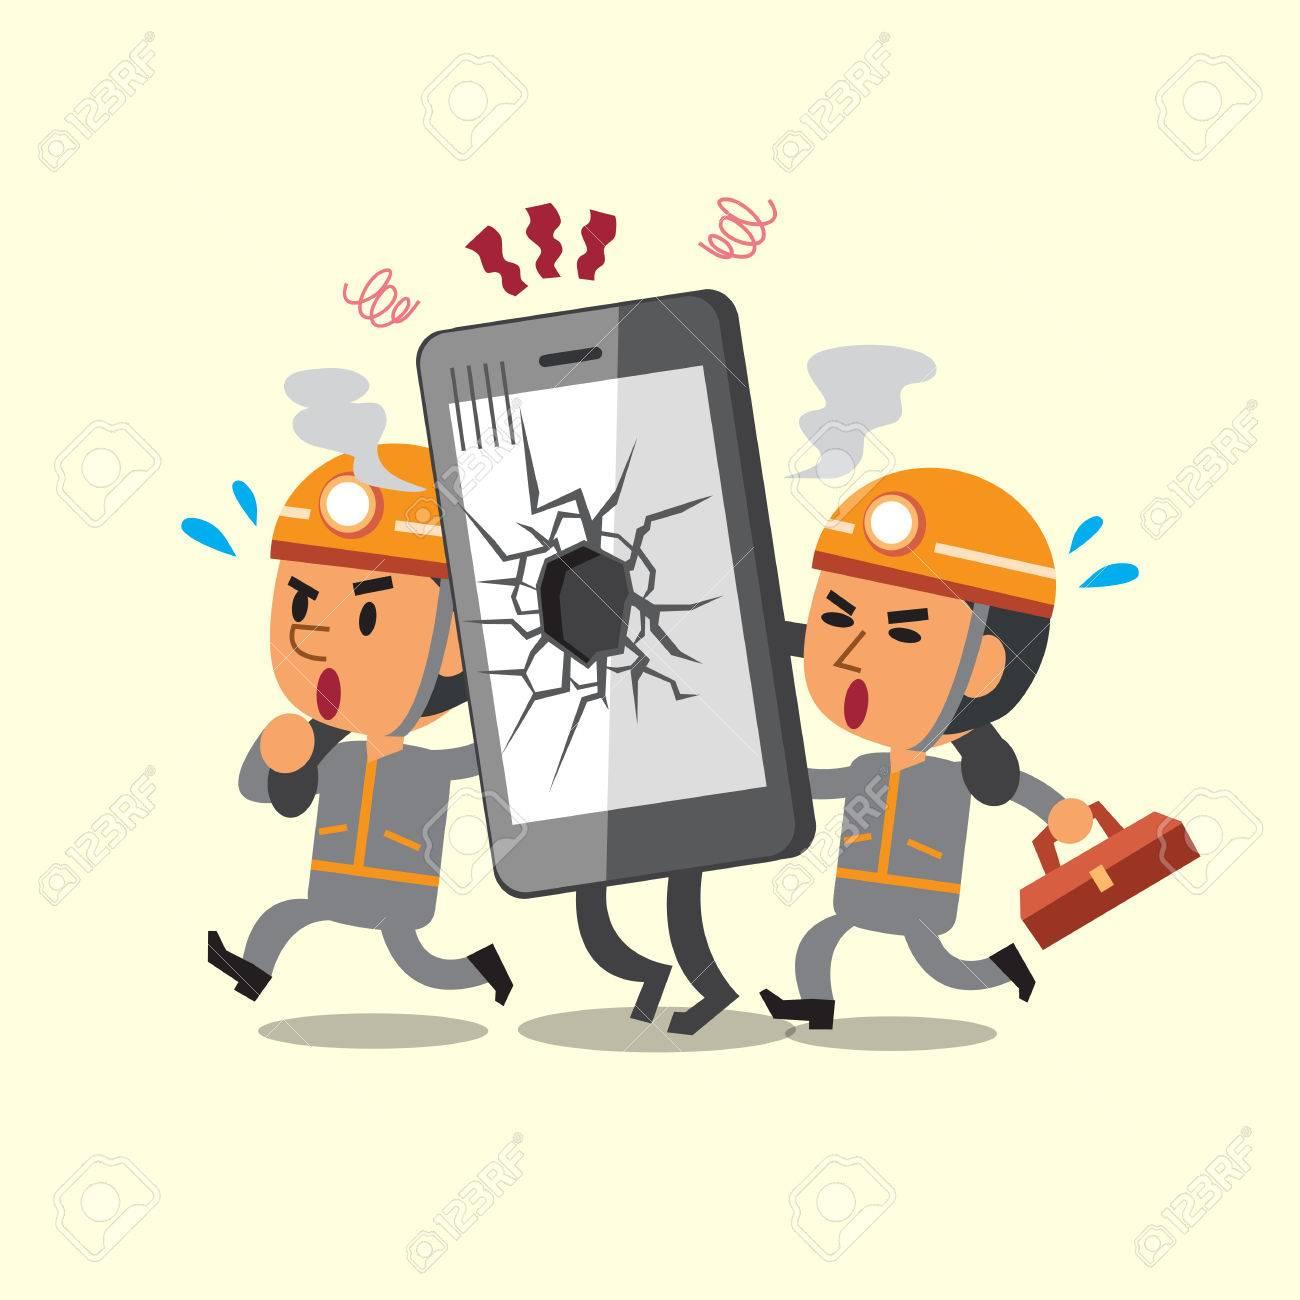 Cartoon technicians helping broken smartphone - 48757771